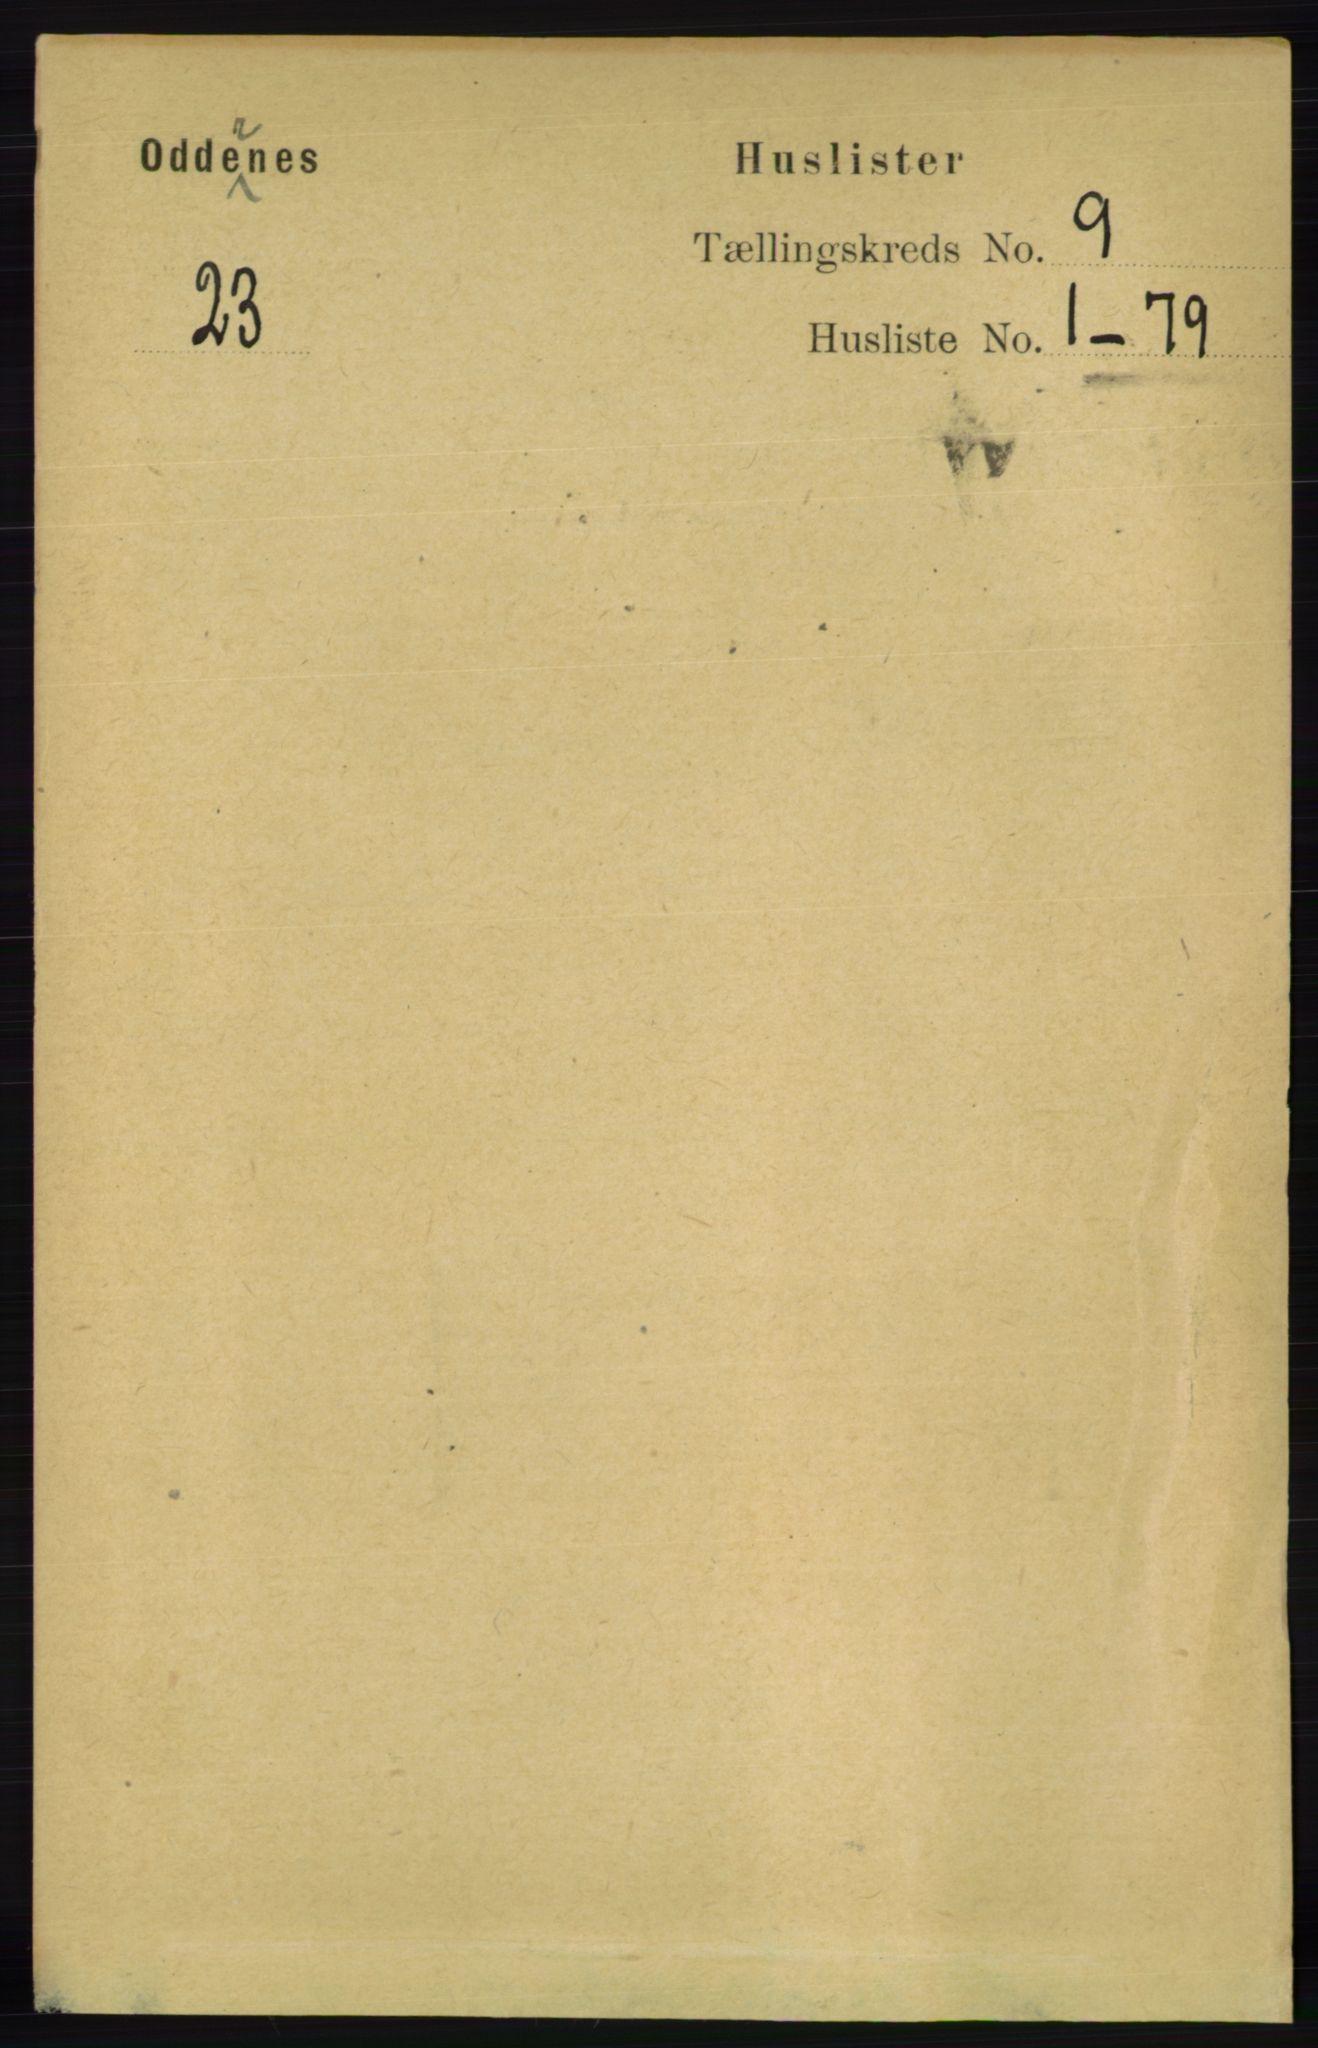 RA, Folketelling 1891 for 1012 Oddernes herred, 1891, s. 3179